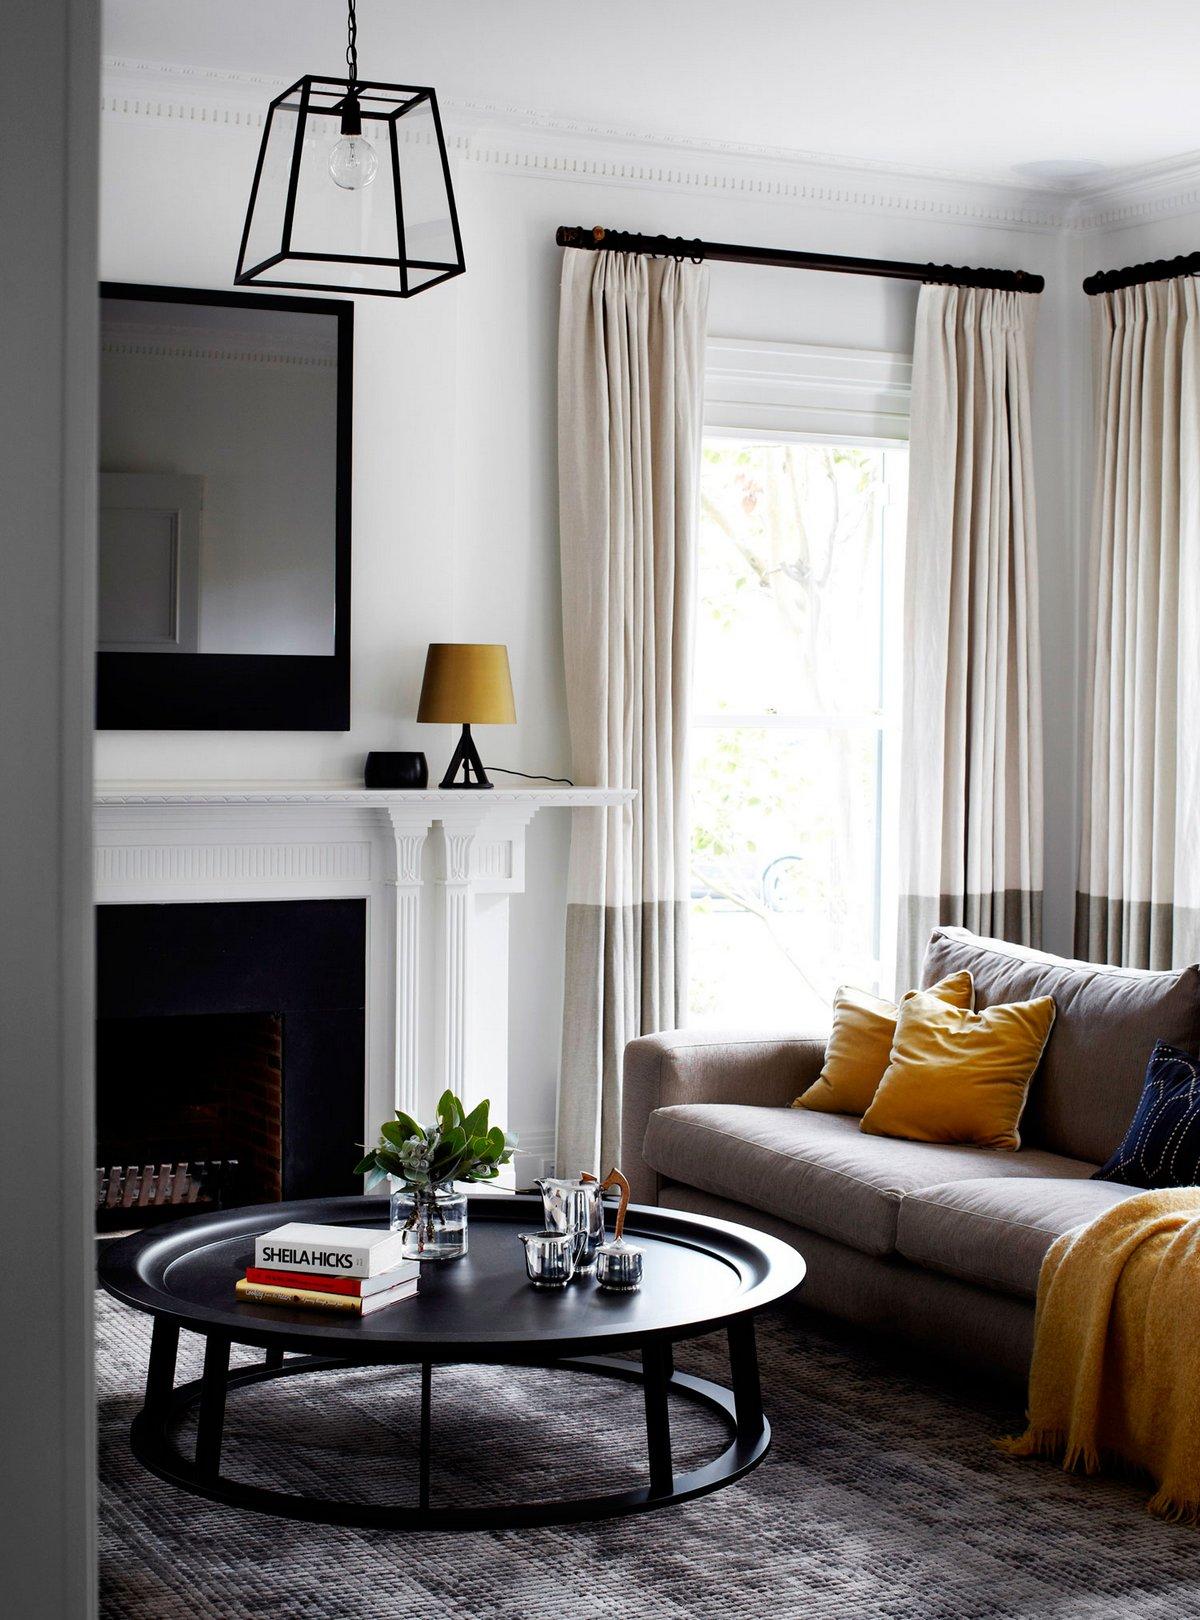 Robson Rak Architects, контрастный интерьер фото, черно-белый интерьер фото, контраст цветов в интерьере, дизайн интерьера частного дома